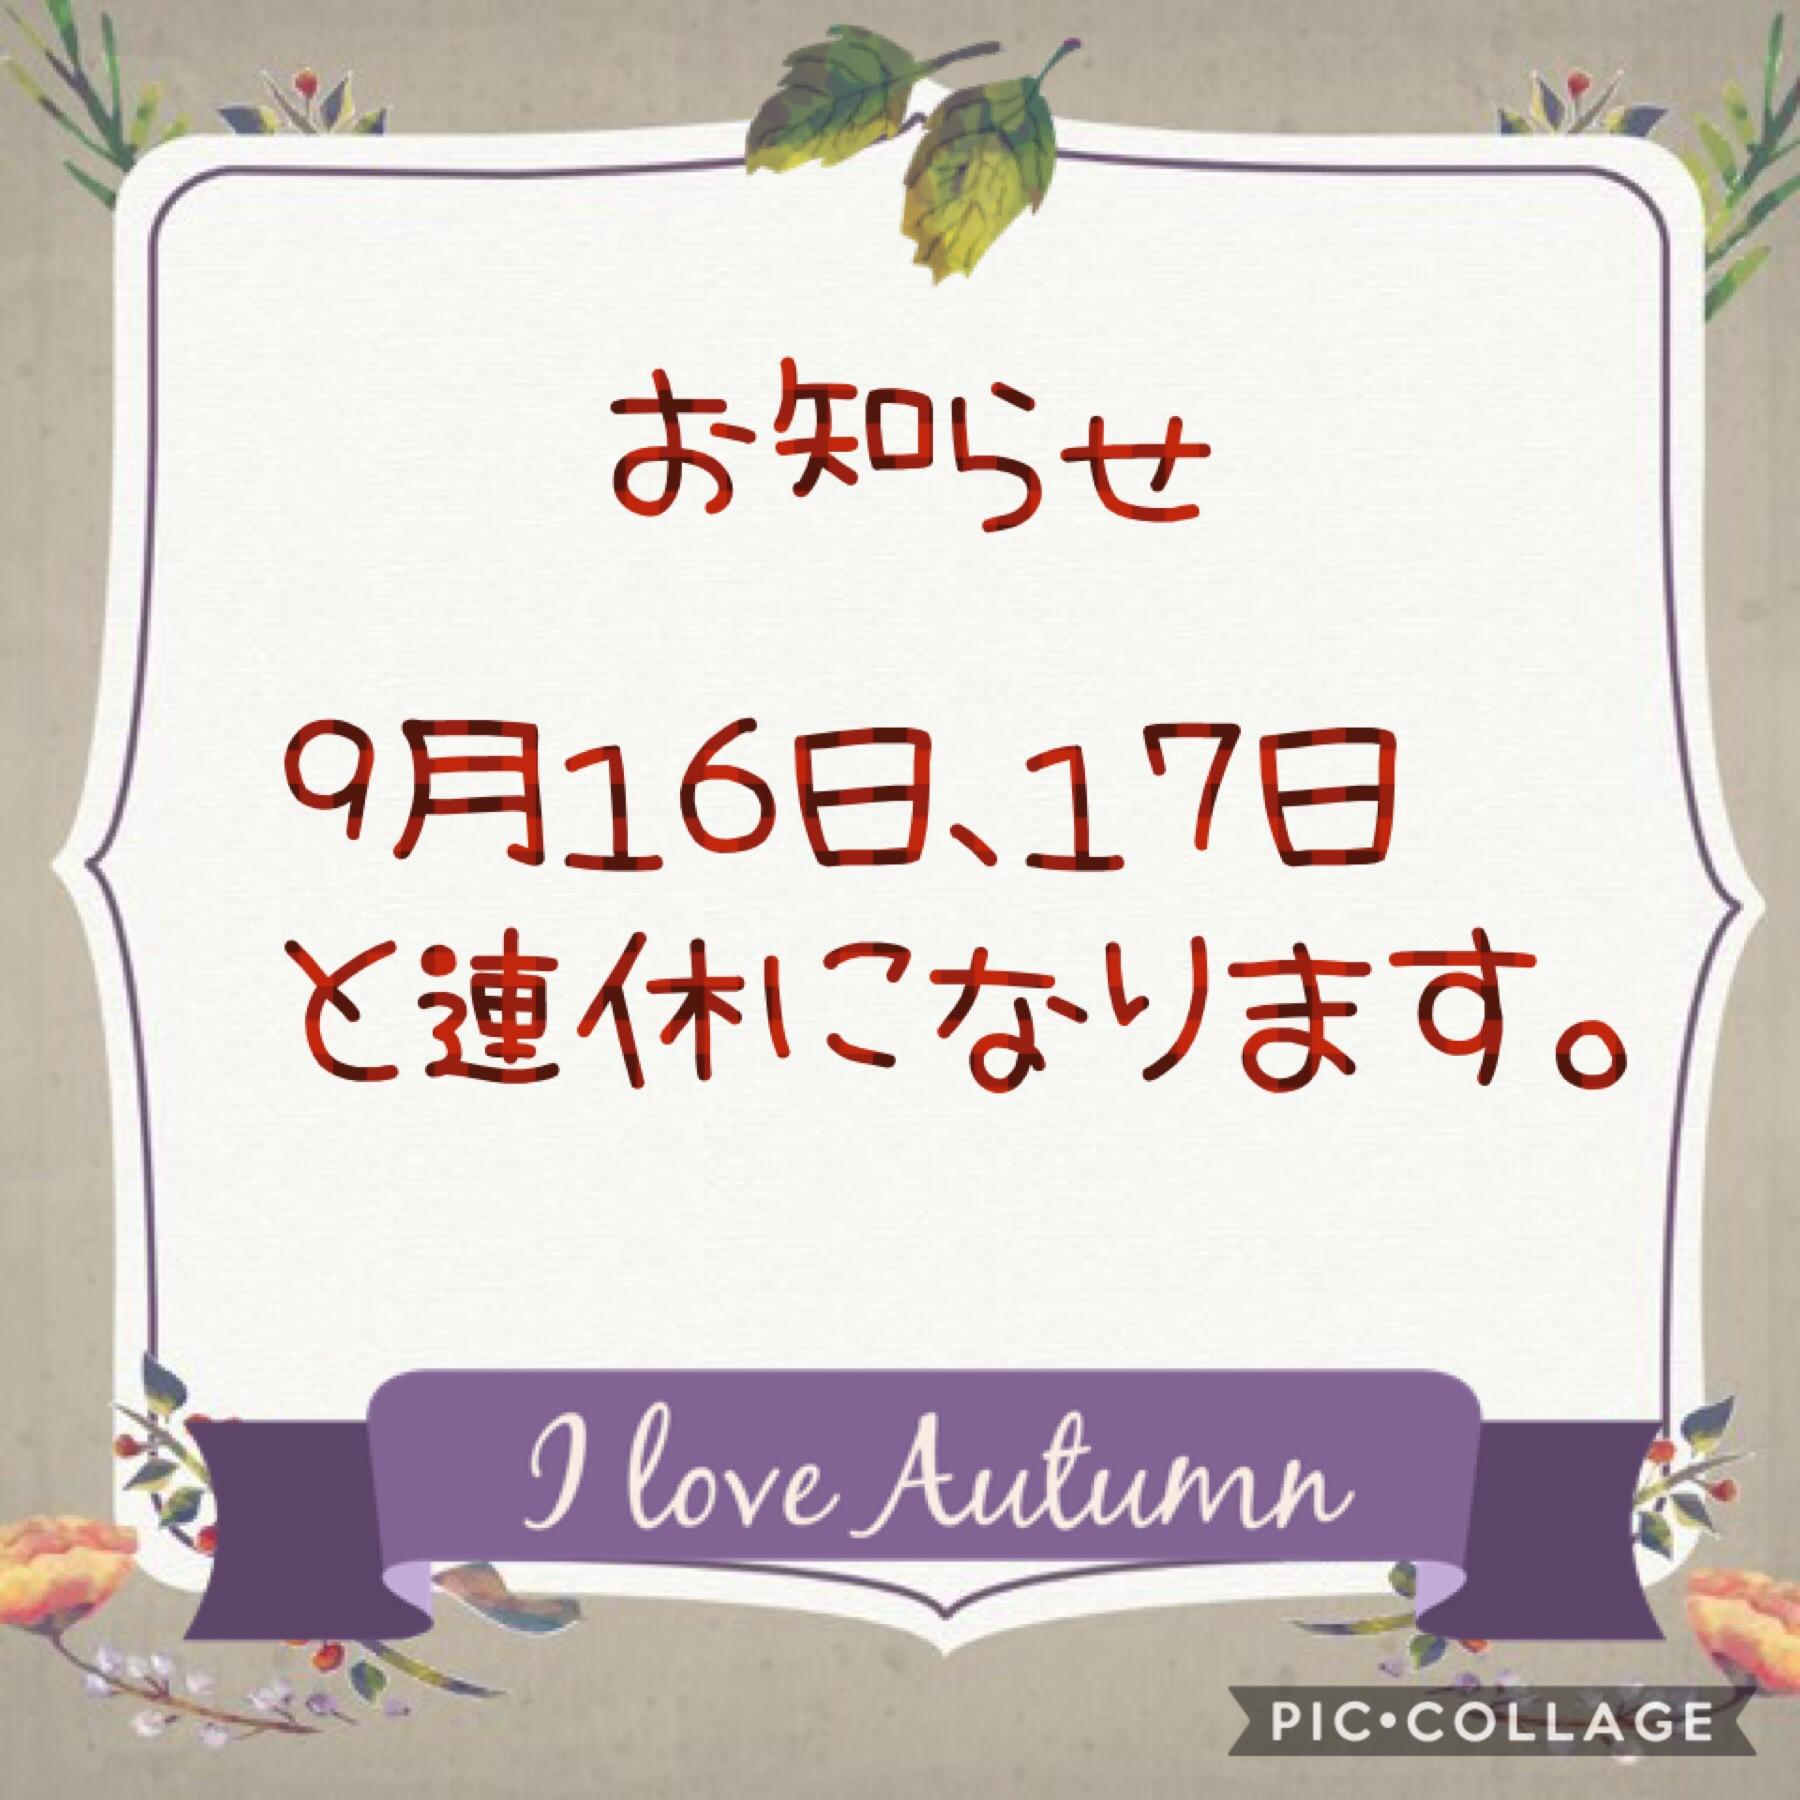 201809151746461ae.jpeg